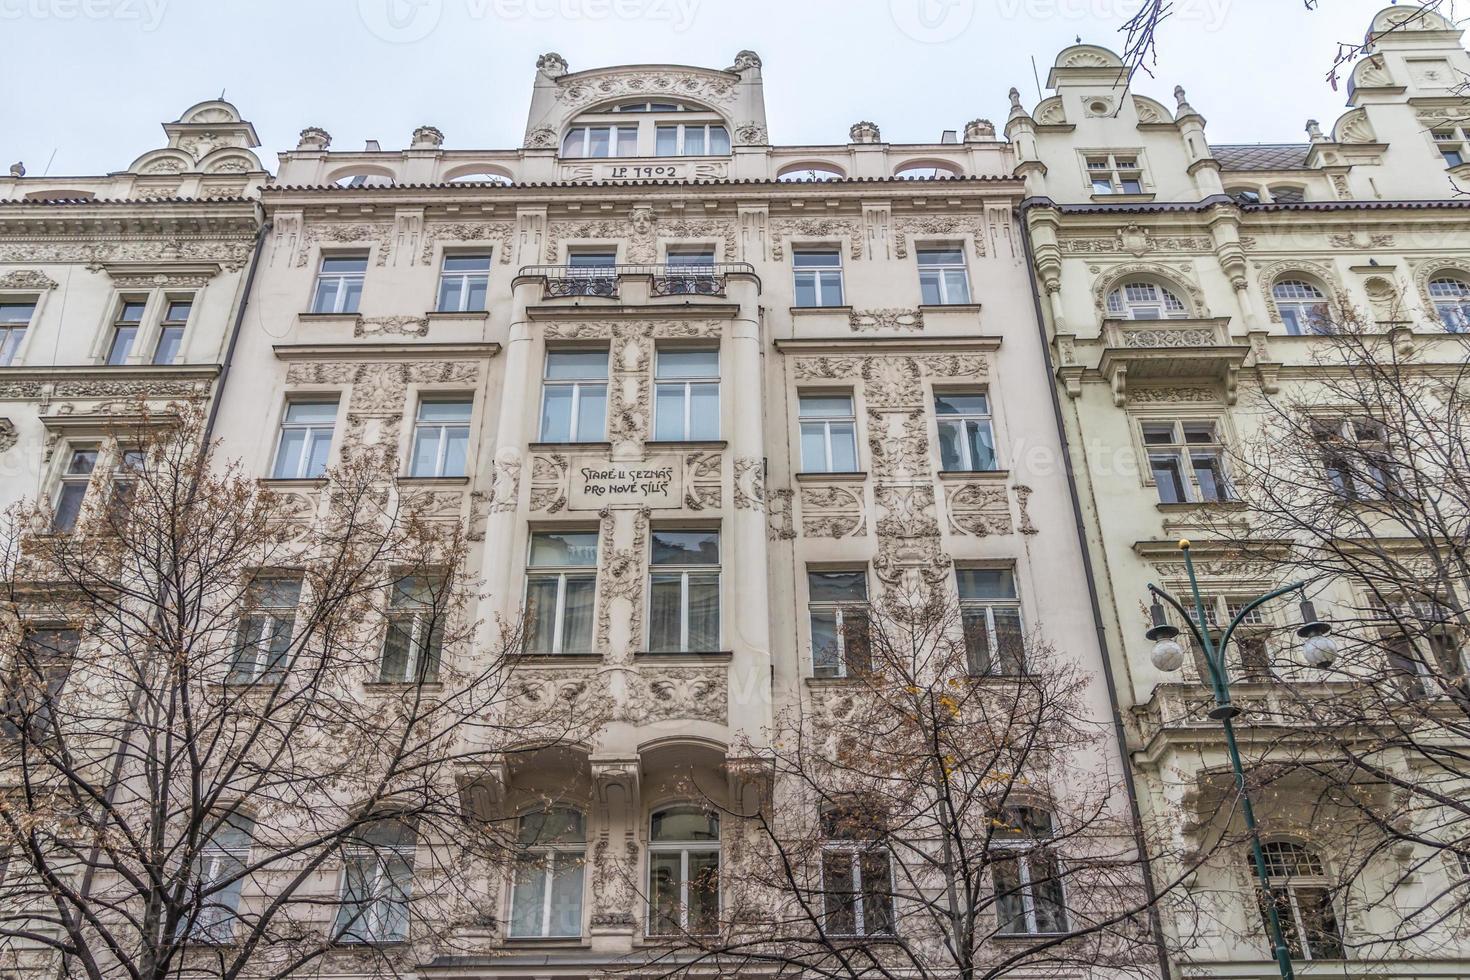 fachada del edificio histórico en praga foto